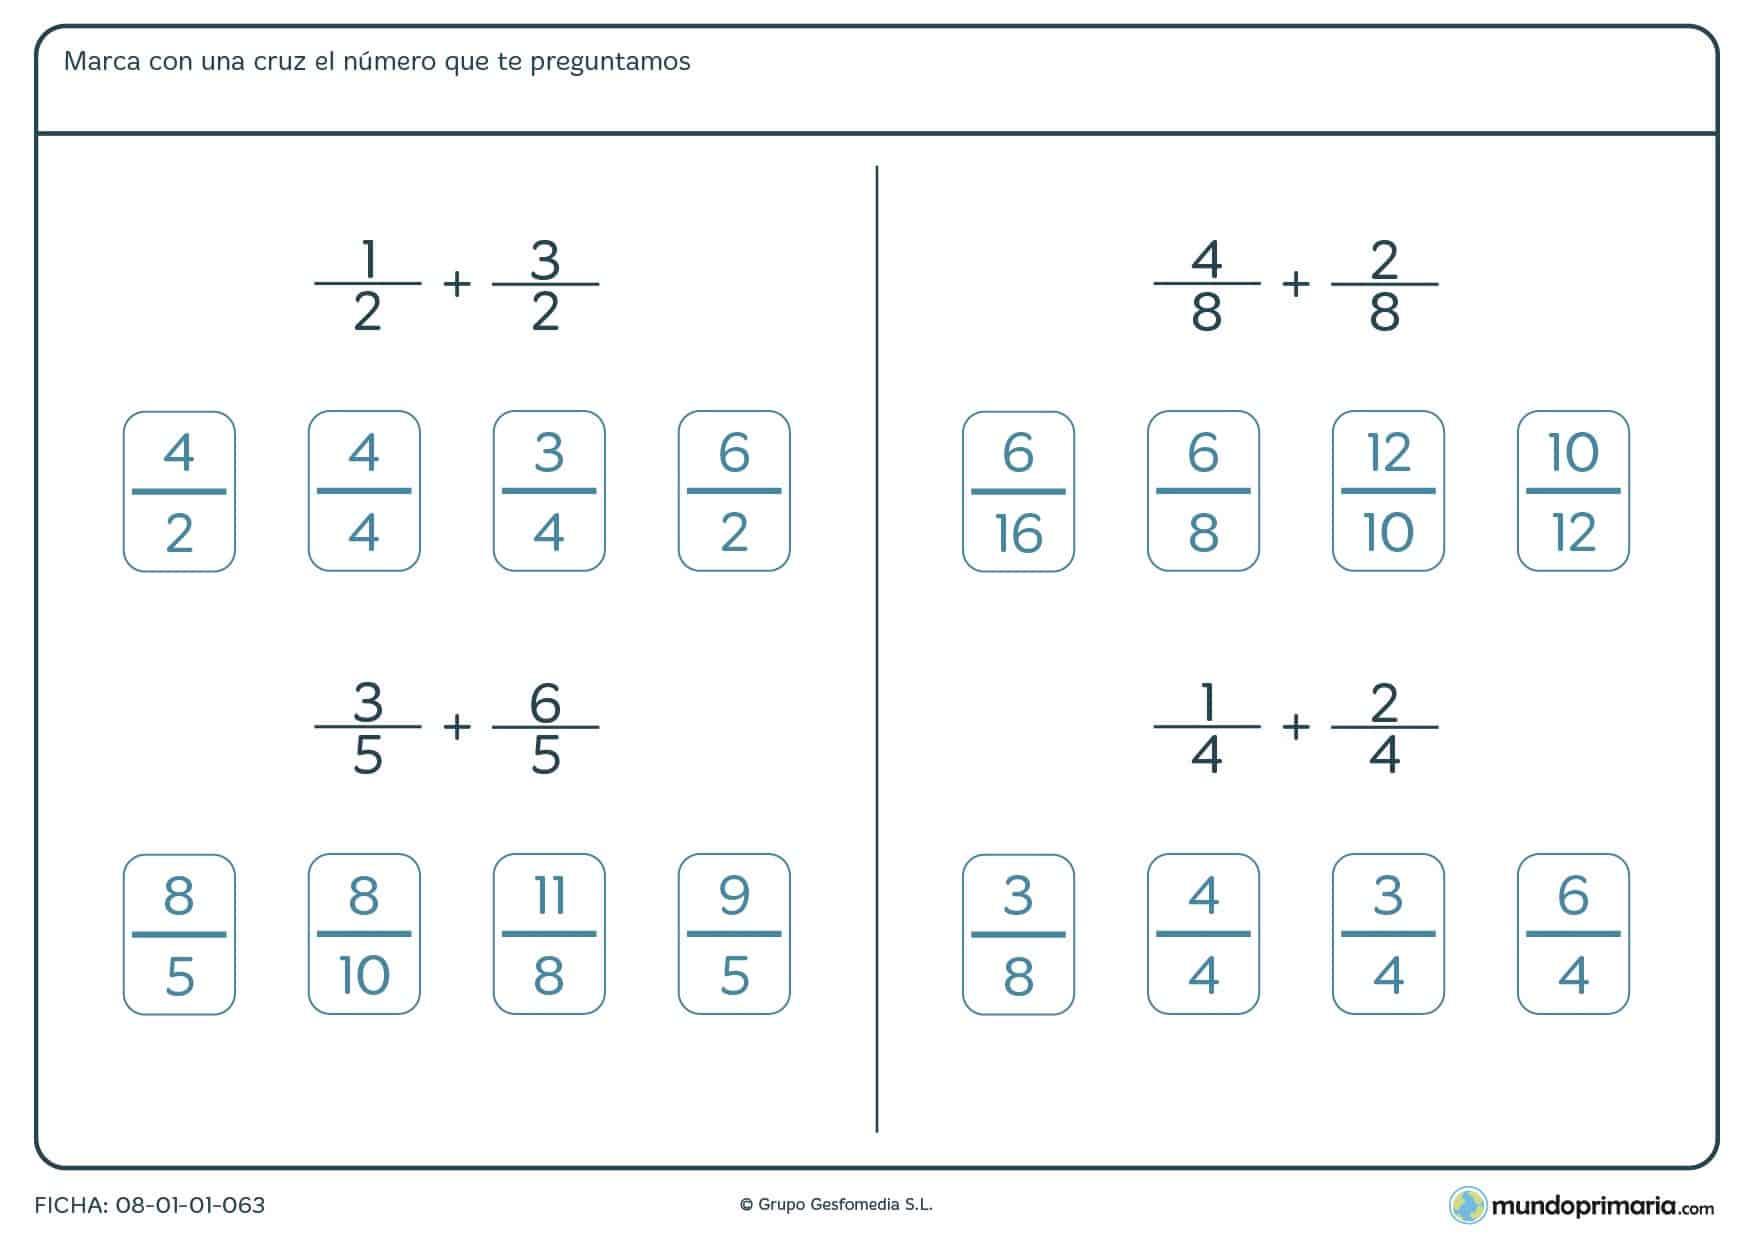 Ficha de suma de fracciones con mismo denominador para Primaria